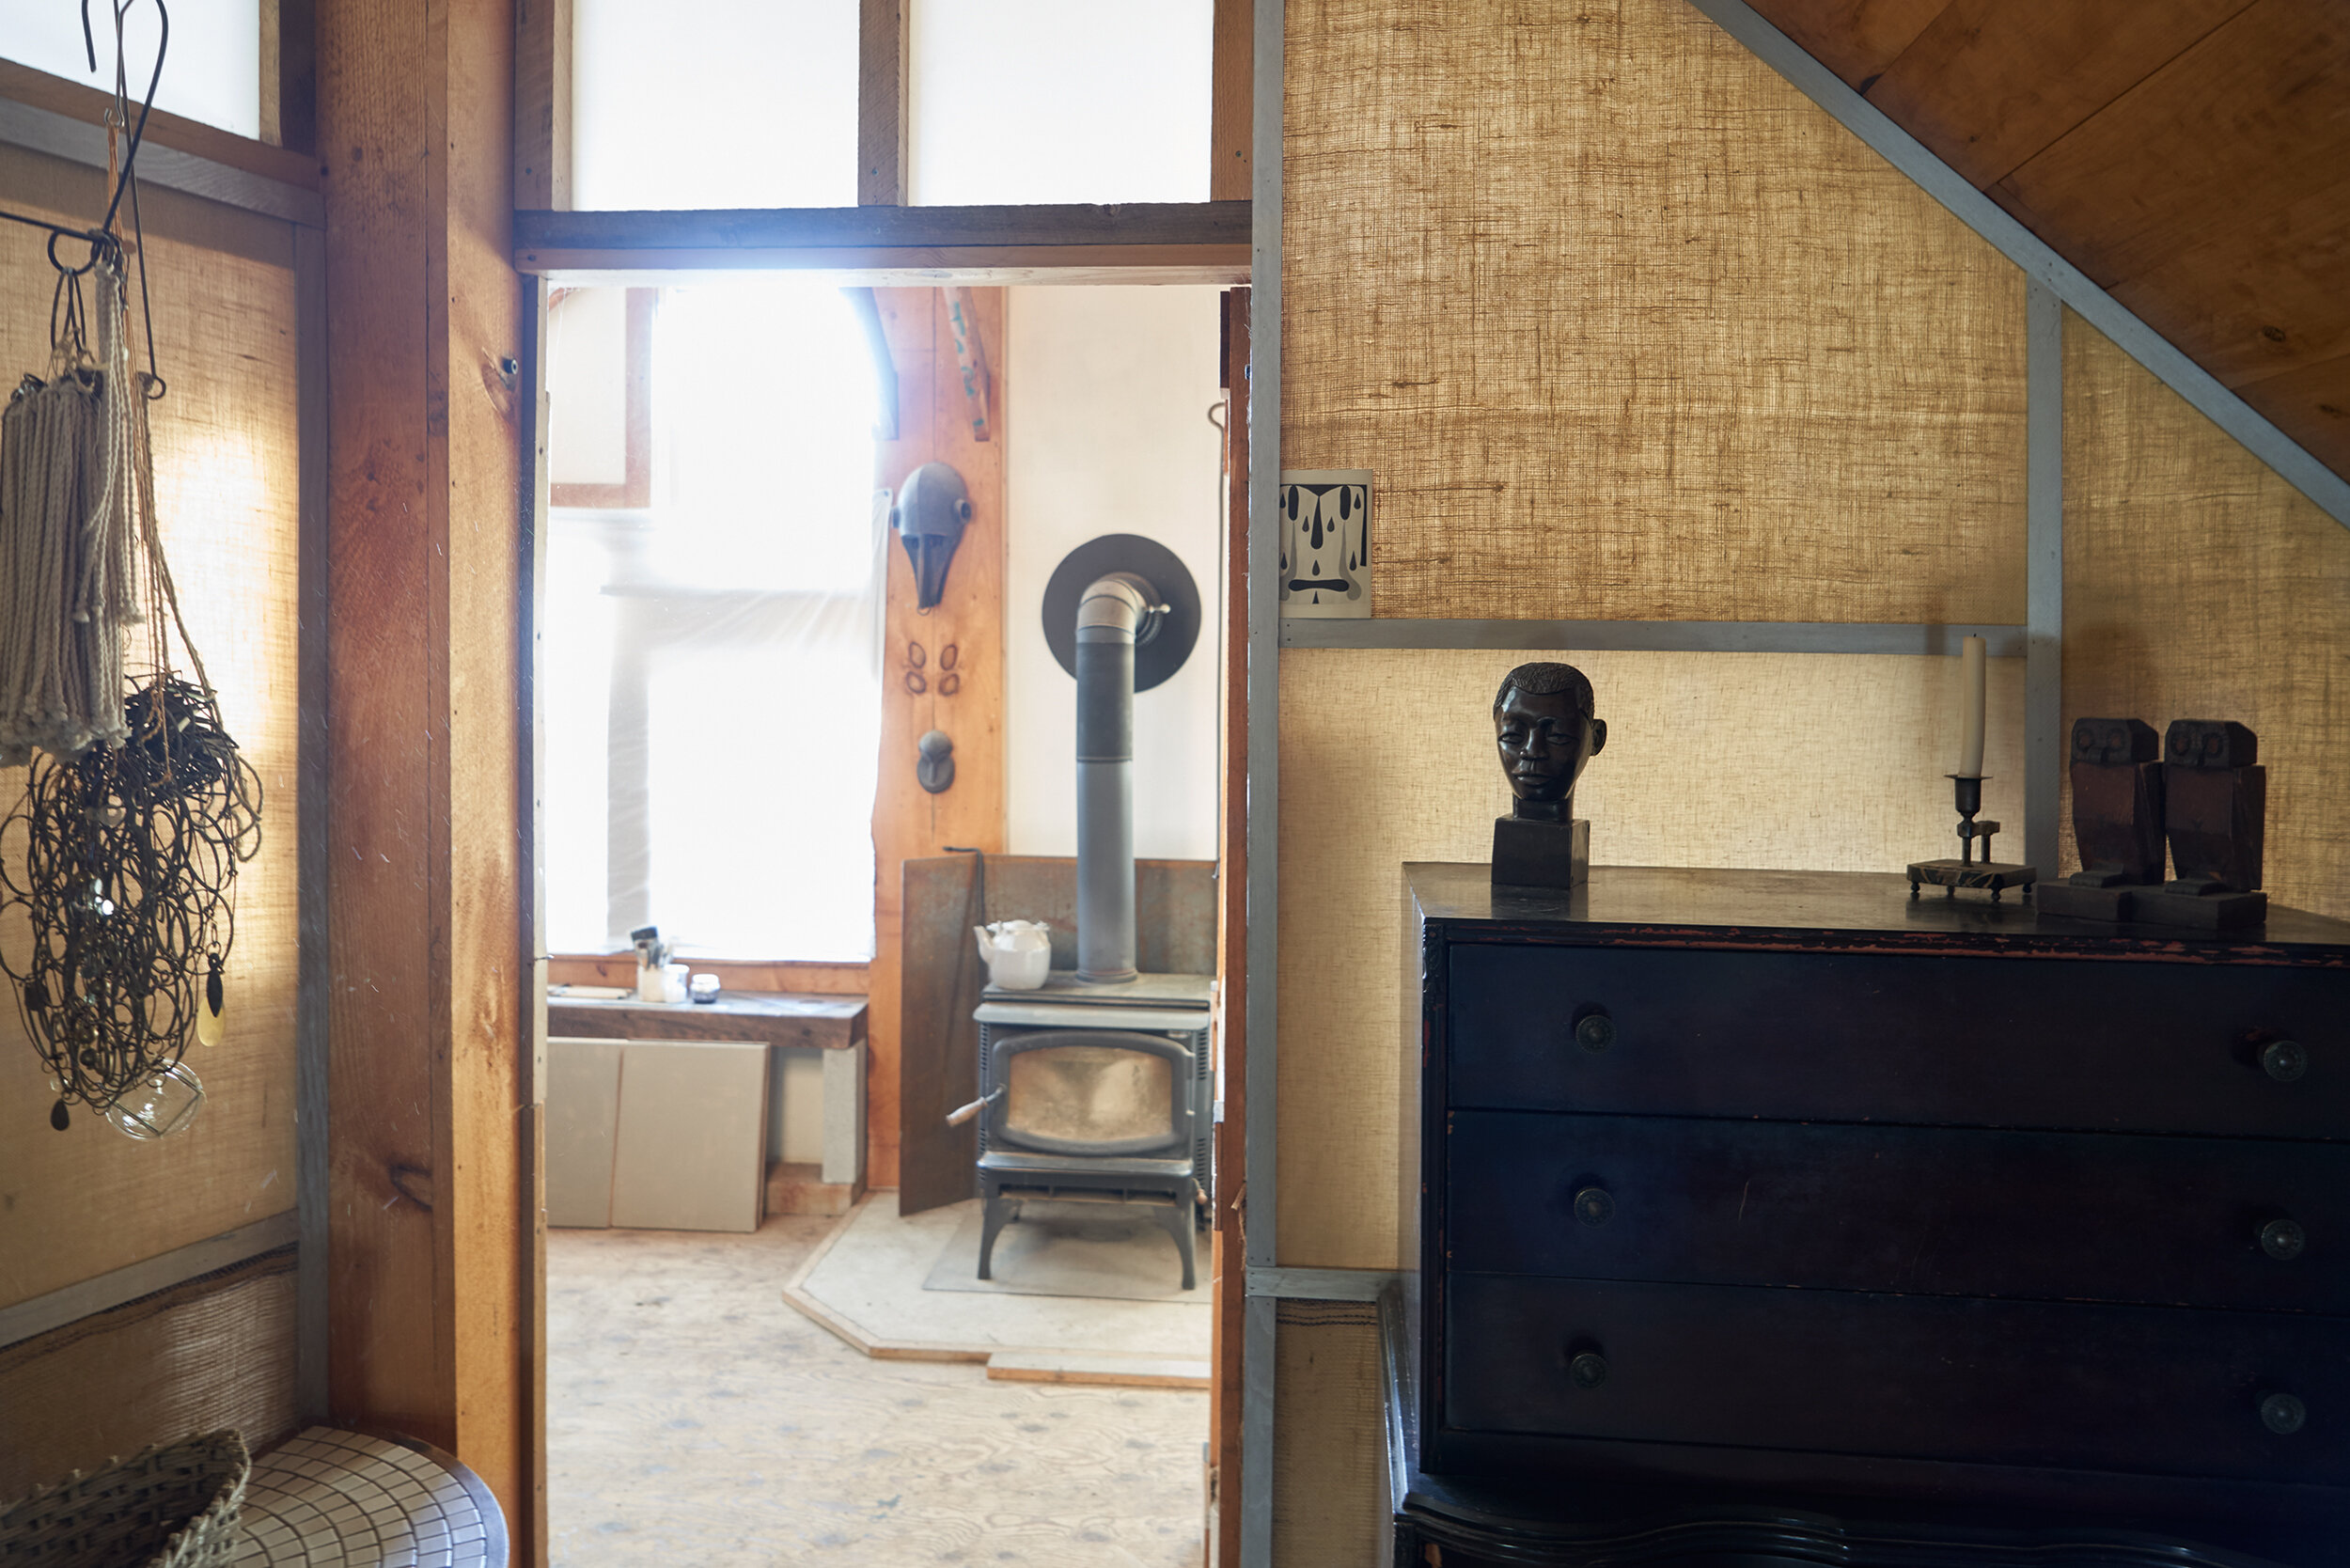 Work space in the barn. Vignette in homage to Derek Jarman.